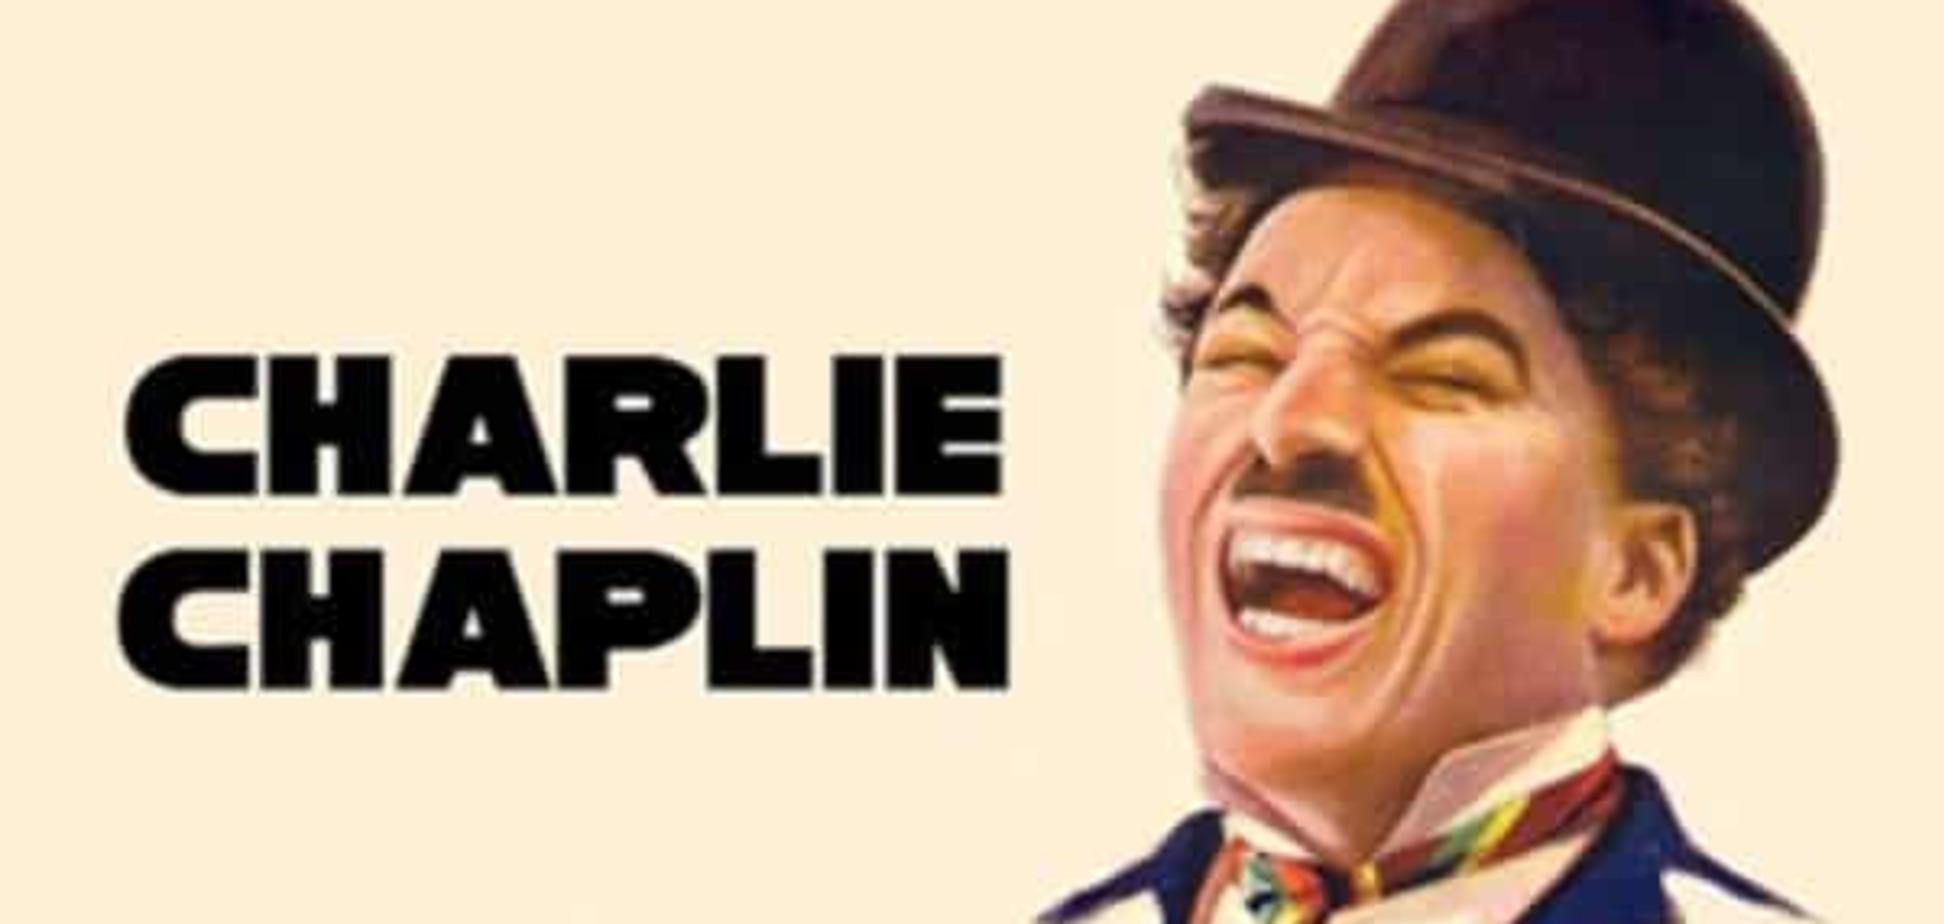 Чарли Чаплин: день памяти легенды